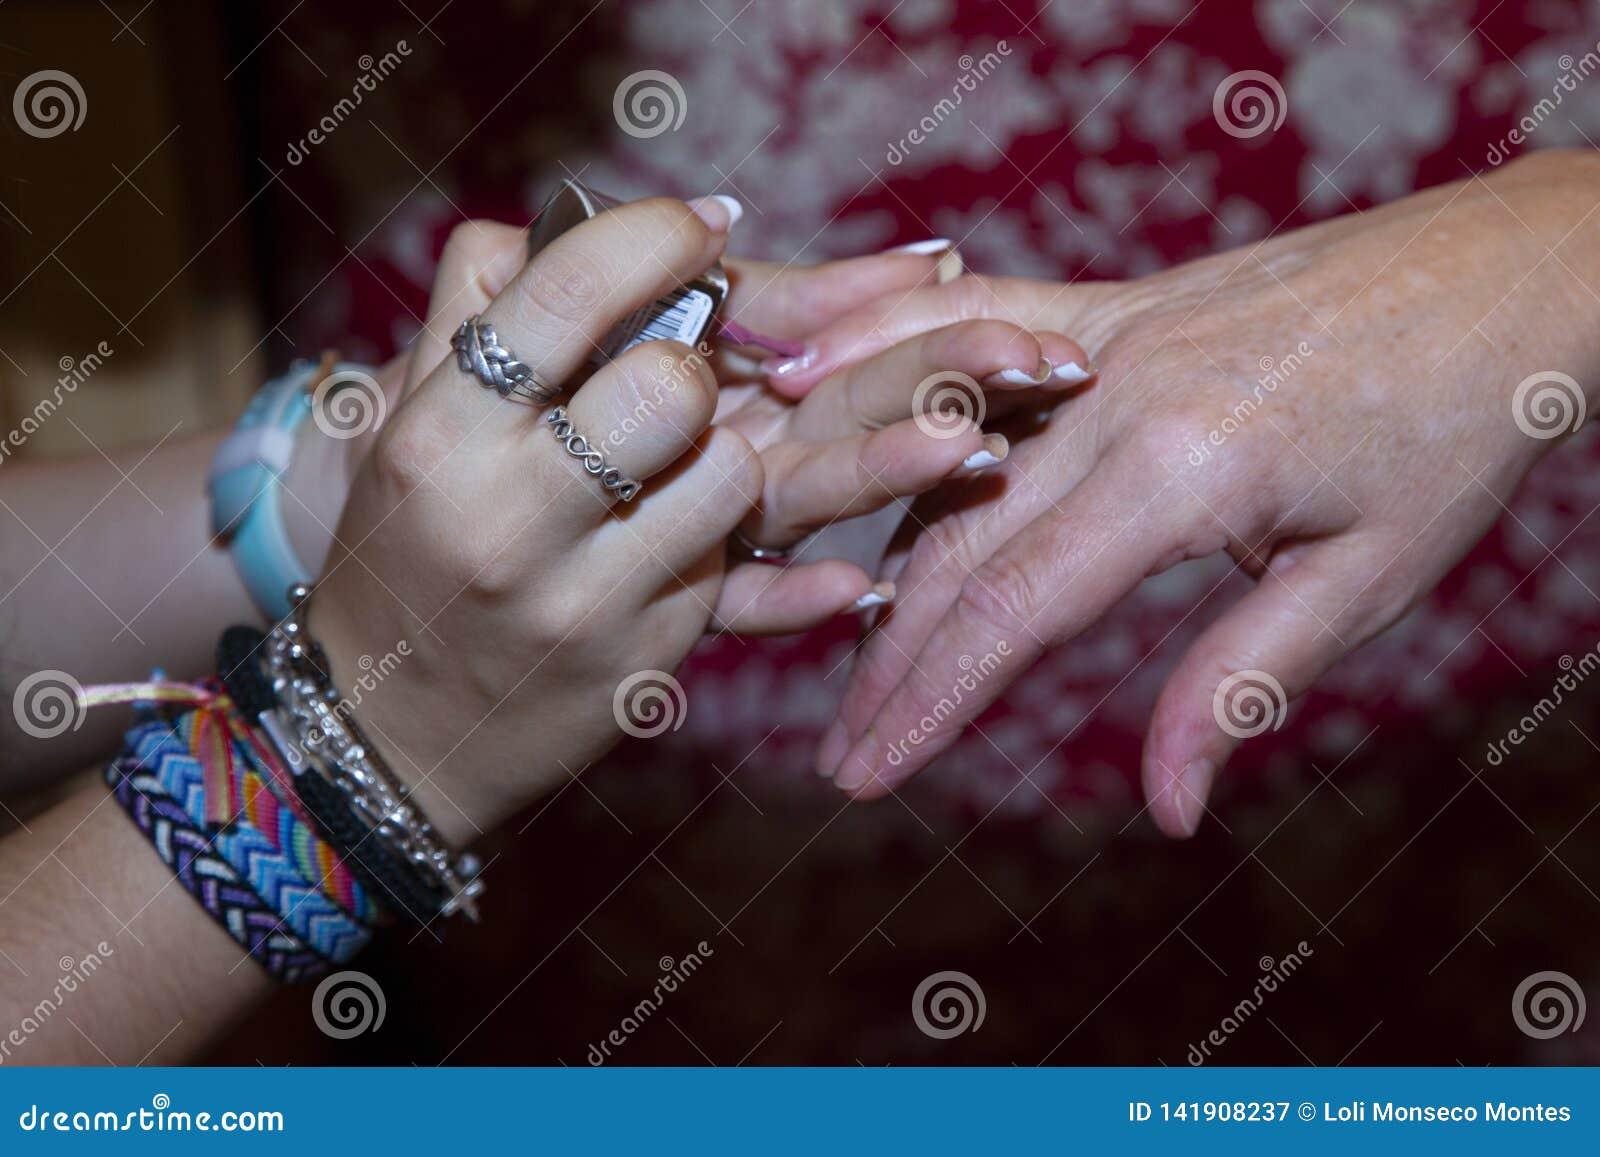 Λεπτομέρεια των χεριών μιας γυναίκας δύο